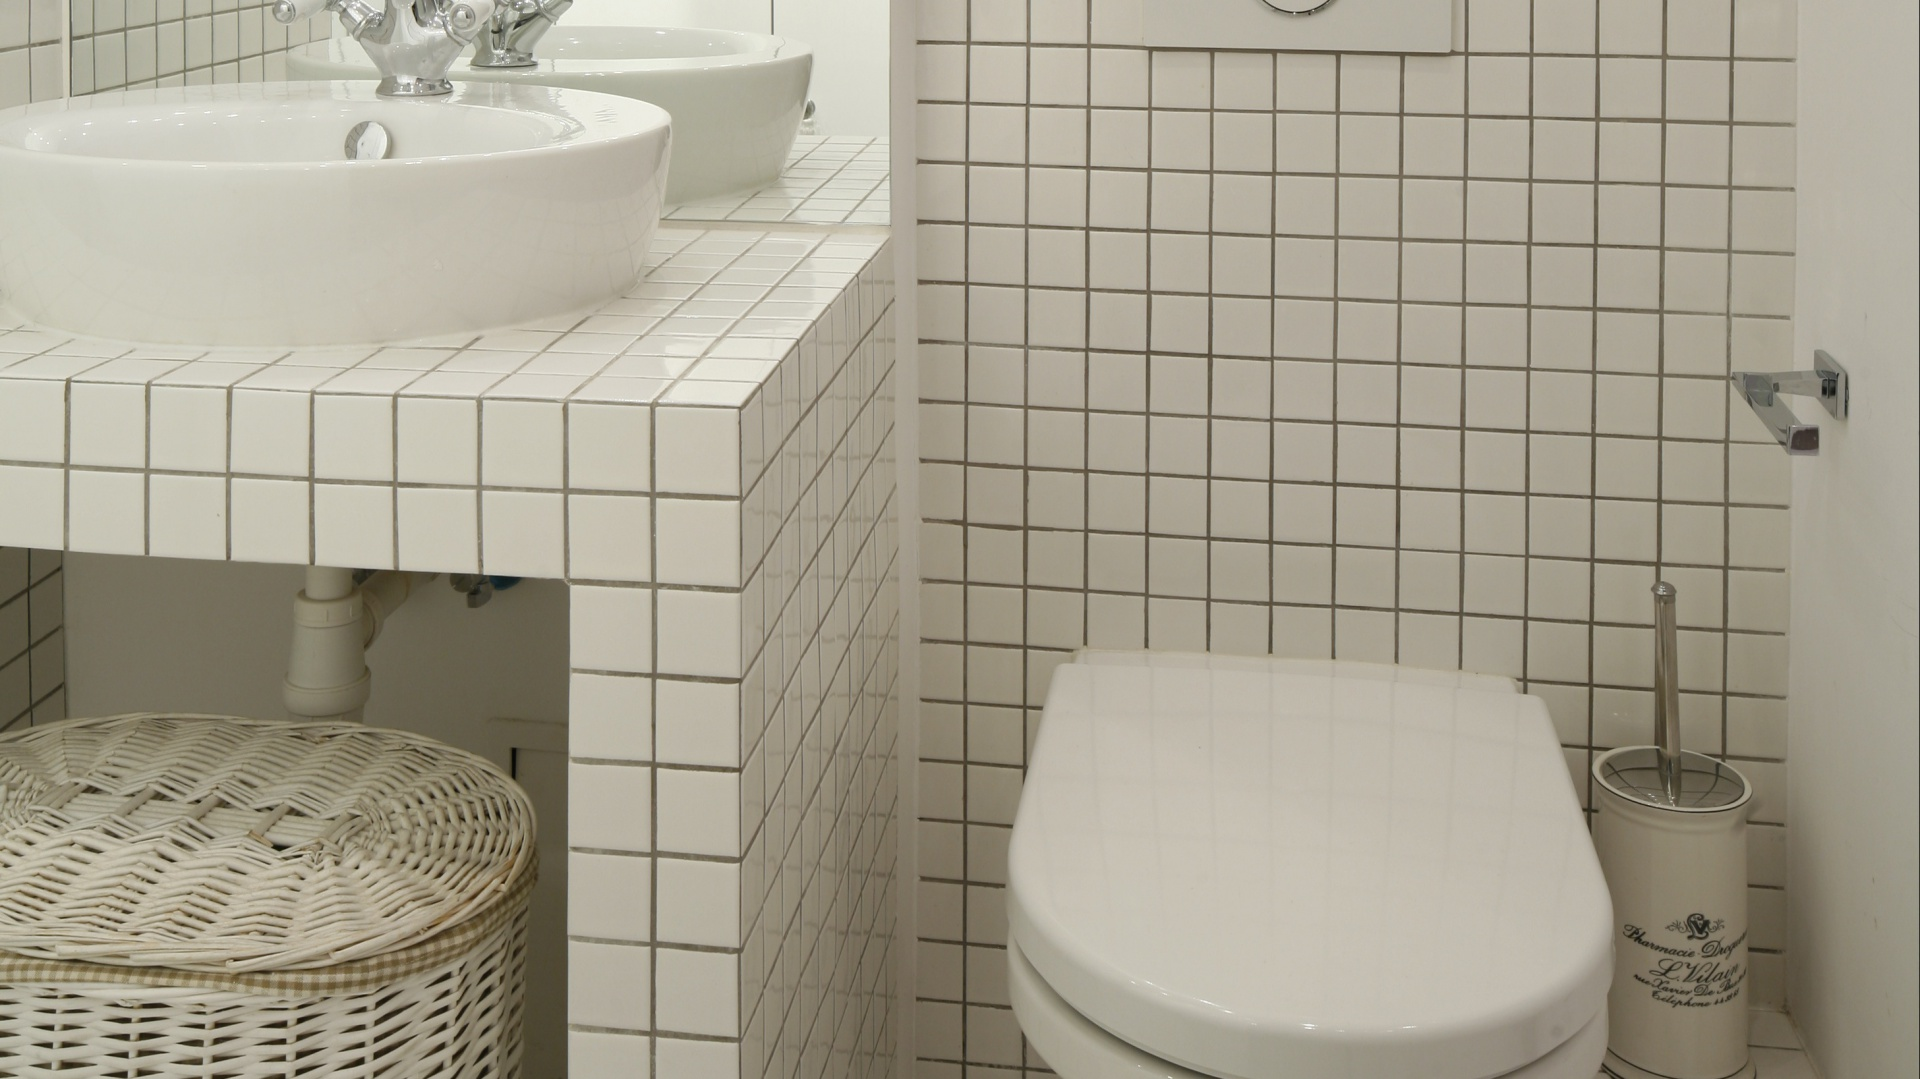 Nowoczesna Biała łazienka Zobacz Jak Ją Urządzić